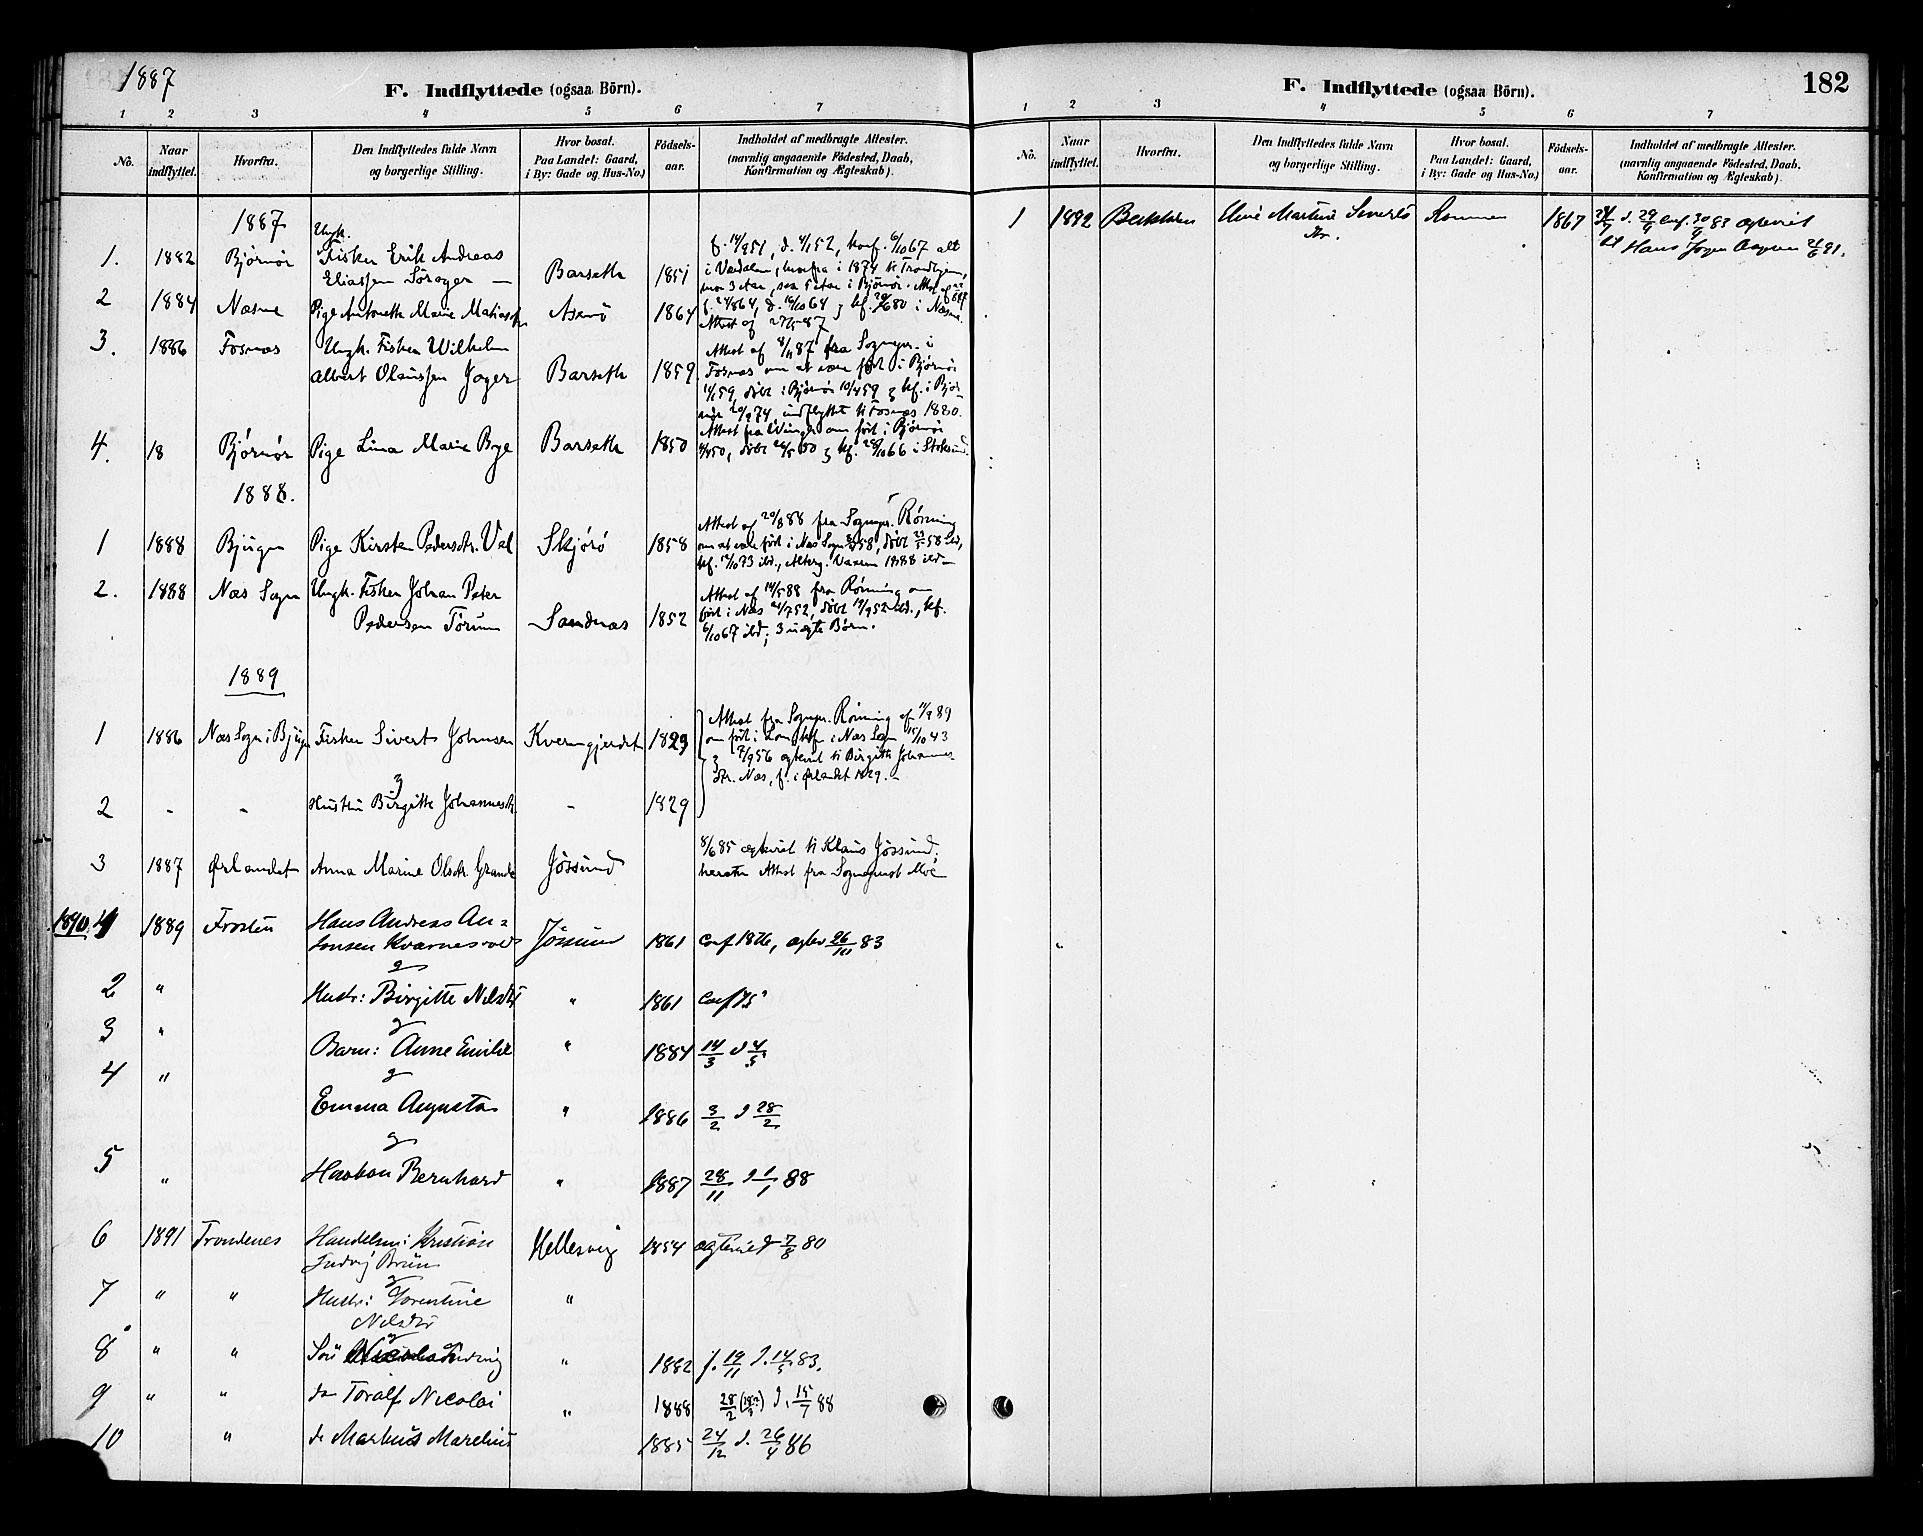 SAT, Ministerialprotokoller, klokkerbøker og fødselsregistre - Sør-Trøndelag, 654/L0663: Ministerialbok nr. 654A01, 1880-1894, s. 182